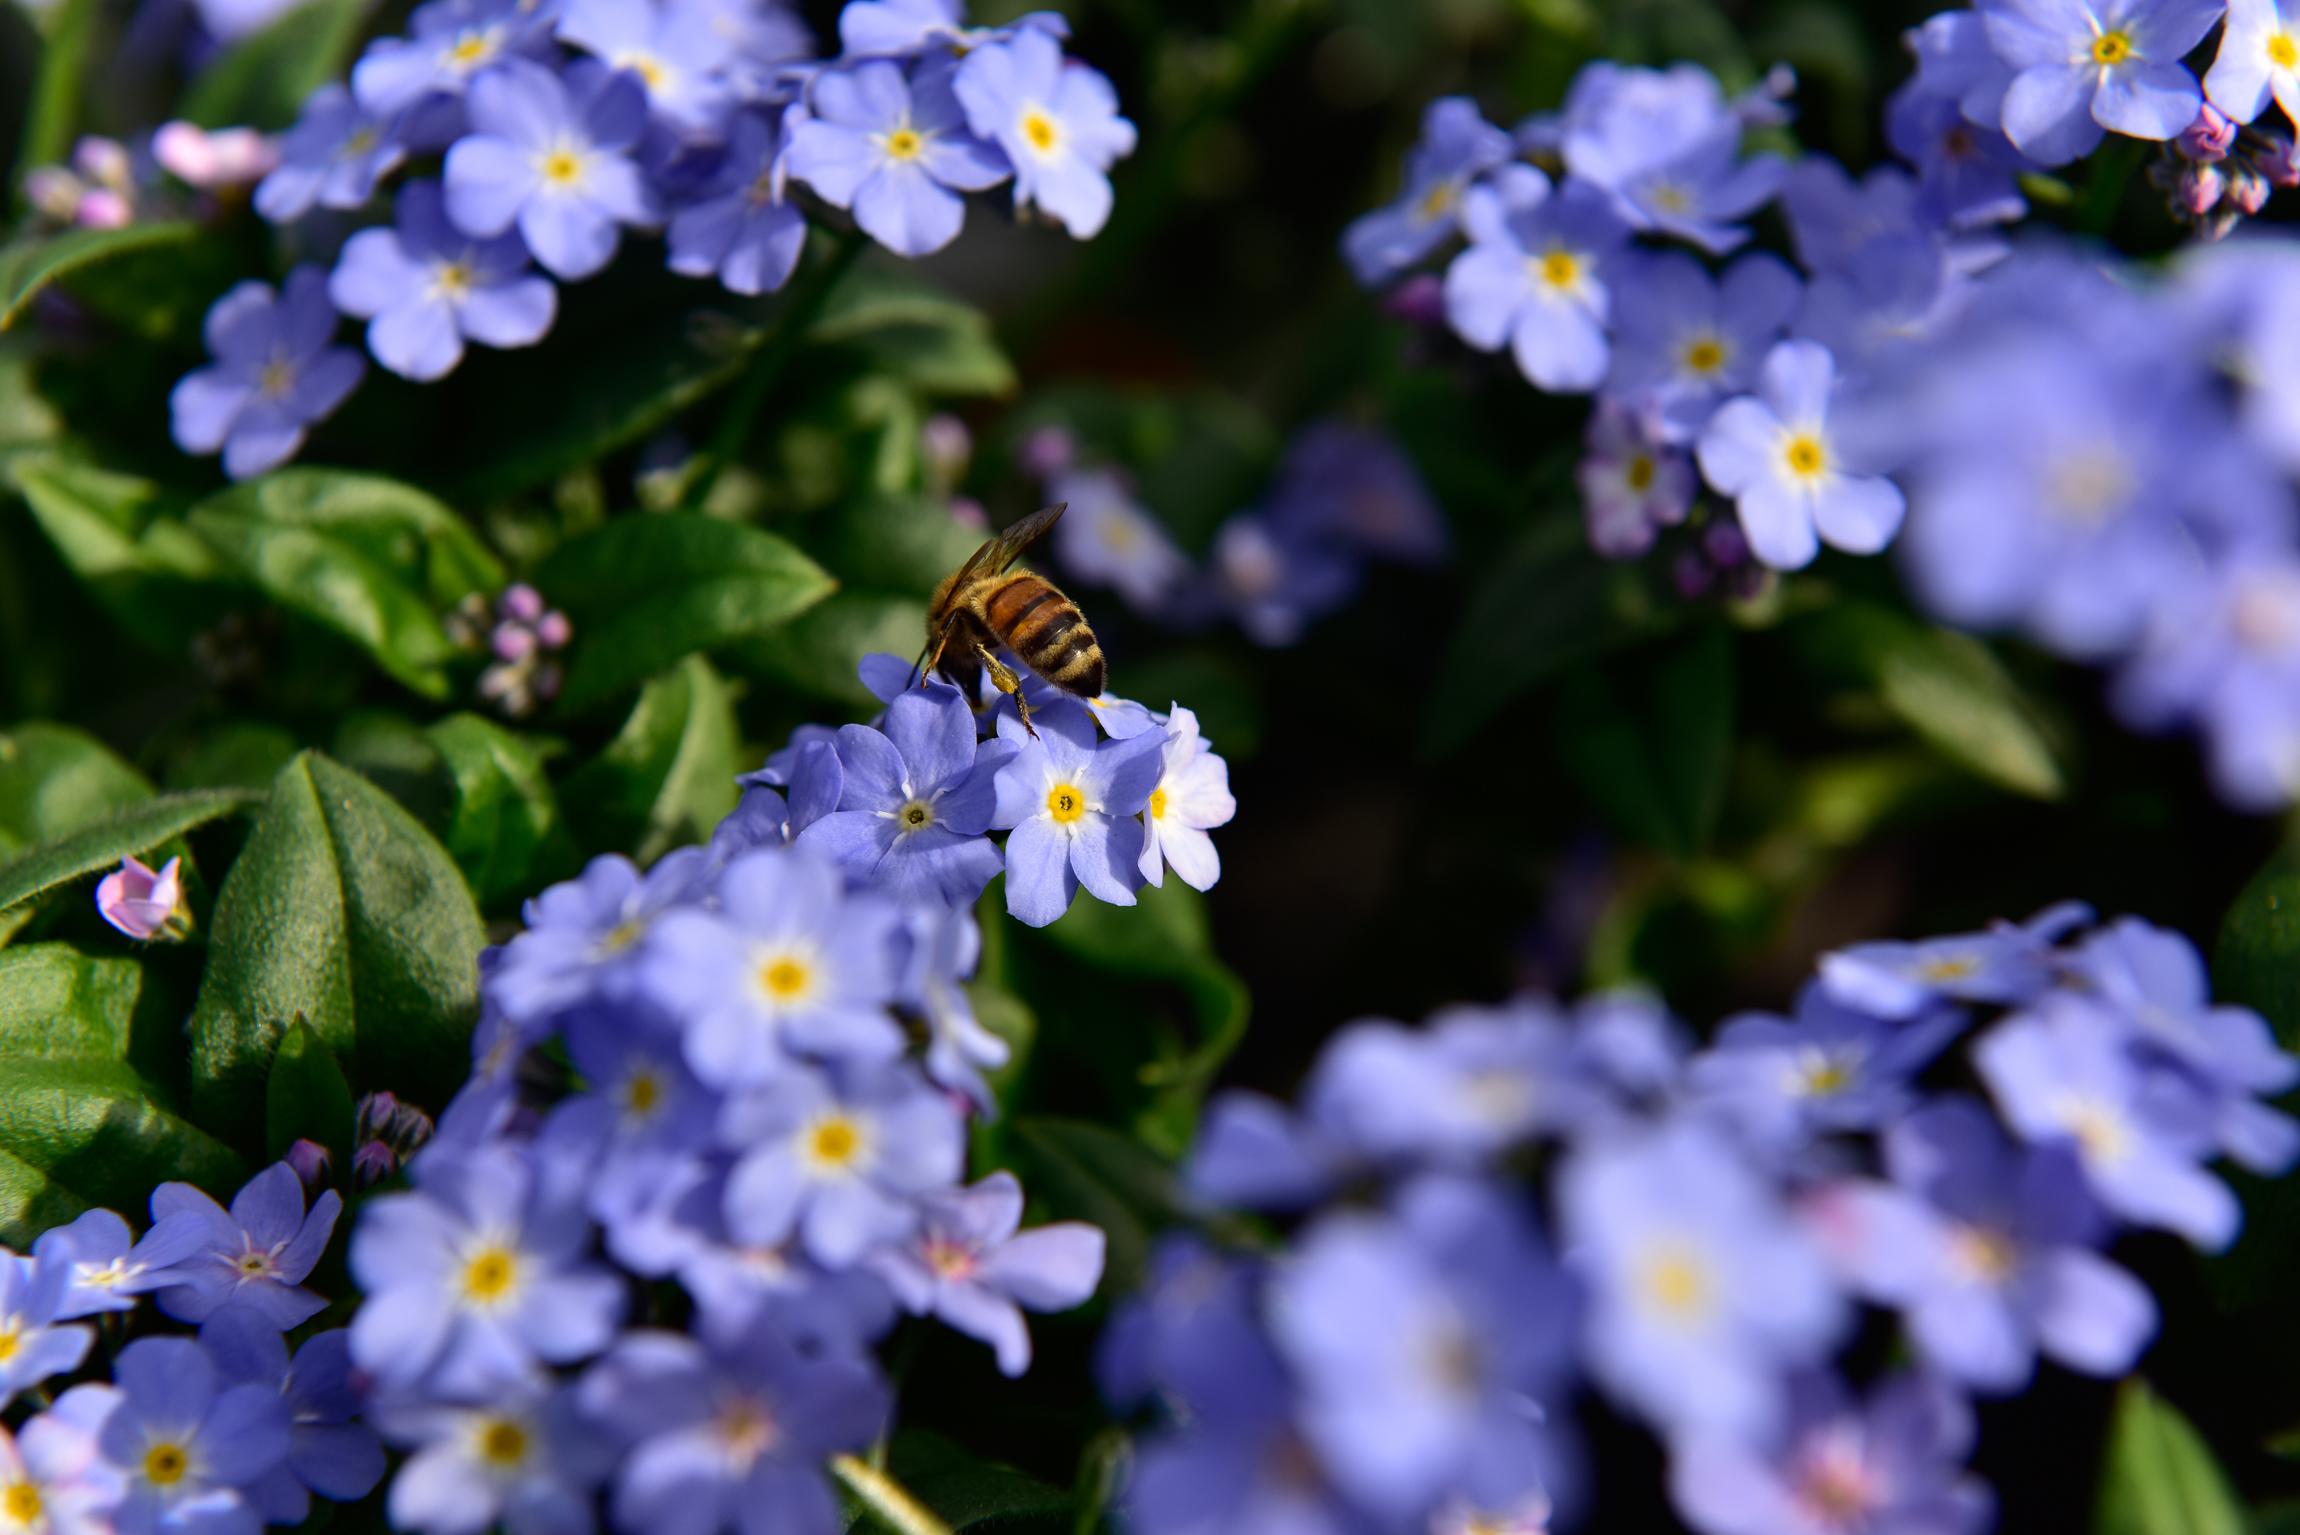 Nektarweiden Fur Balkon Und Terrasse Gutes Fur Bienen Tun Das